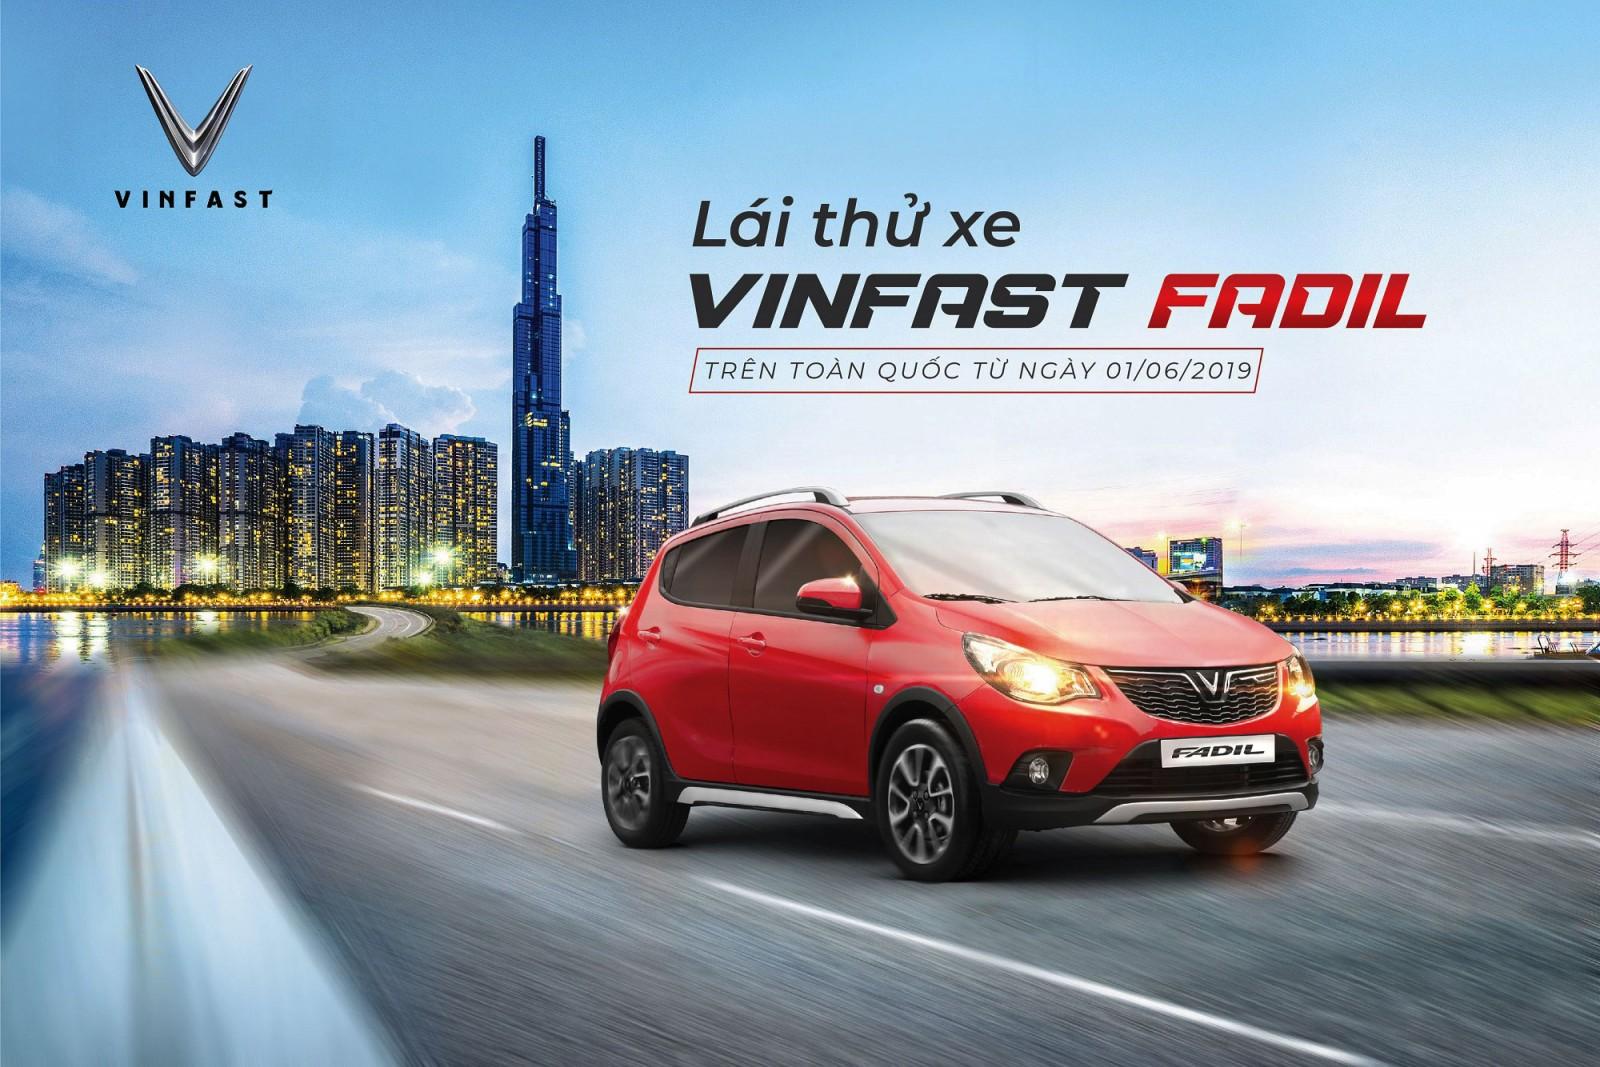 VinFast tổ chức chương trình lái thử xe Fadil trên toàn quốc từ ngày 1/6/2019